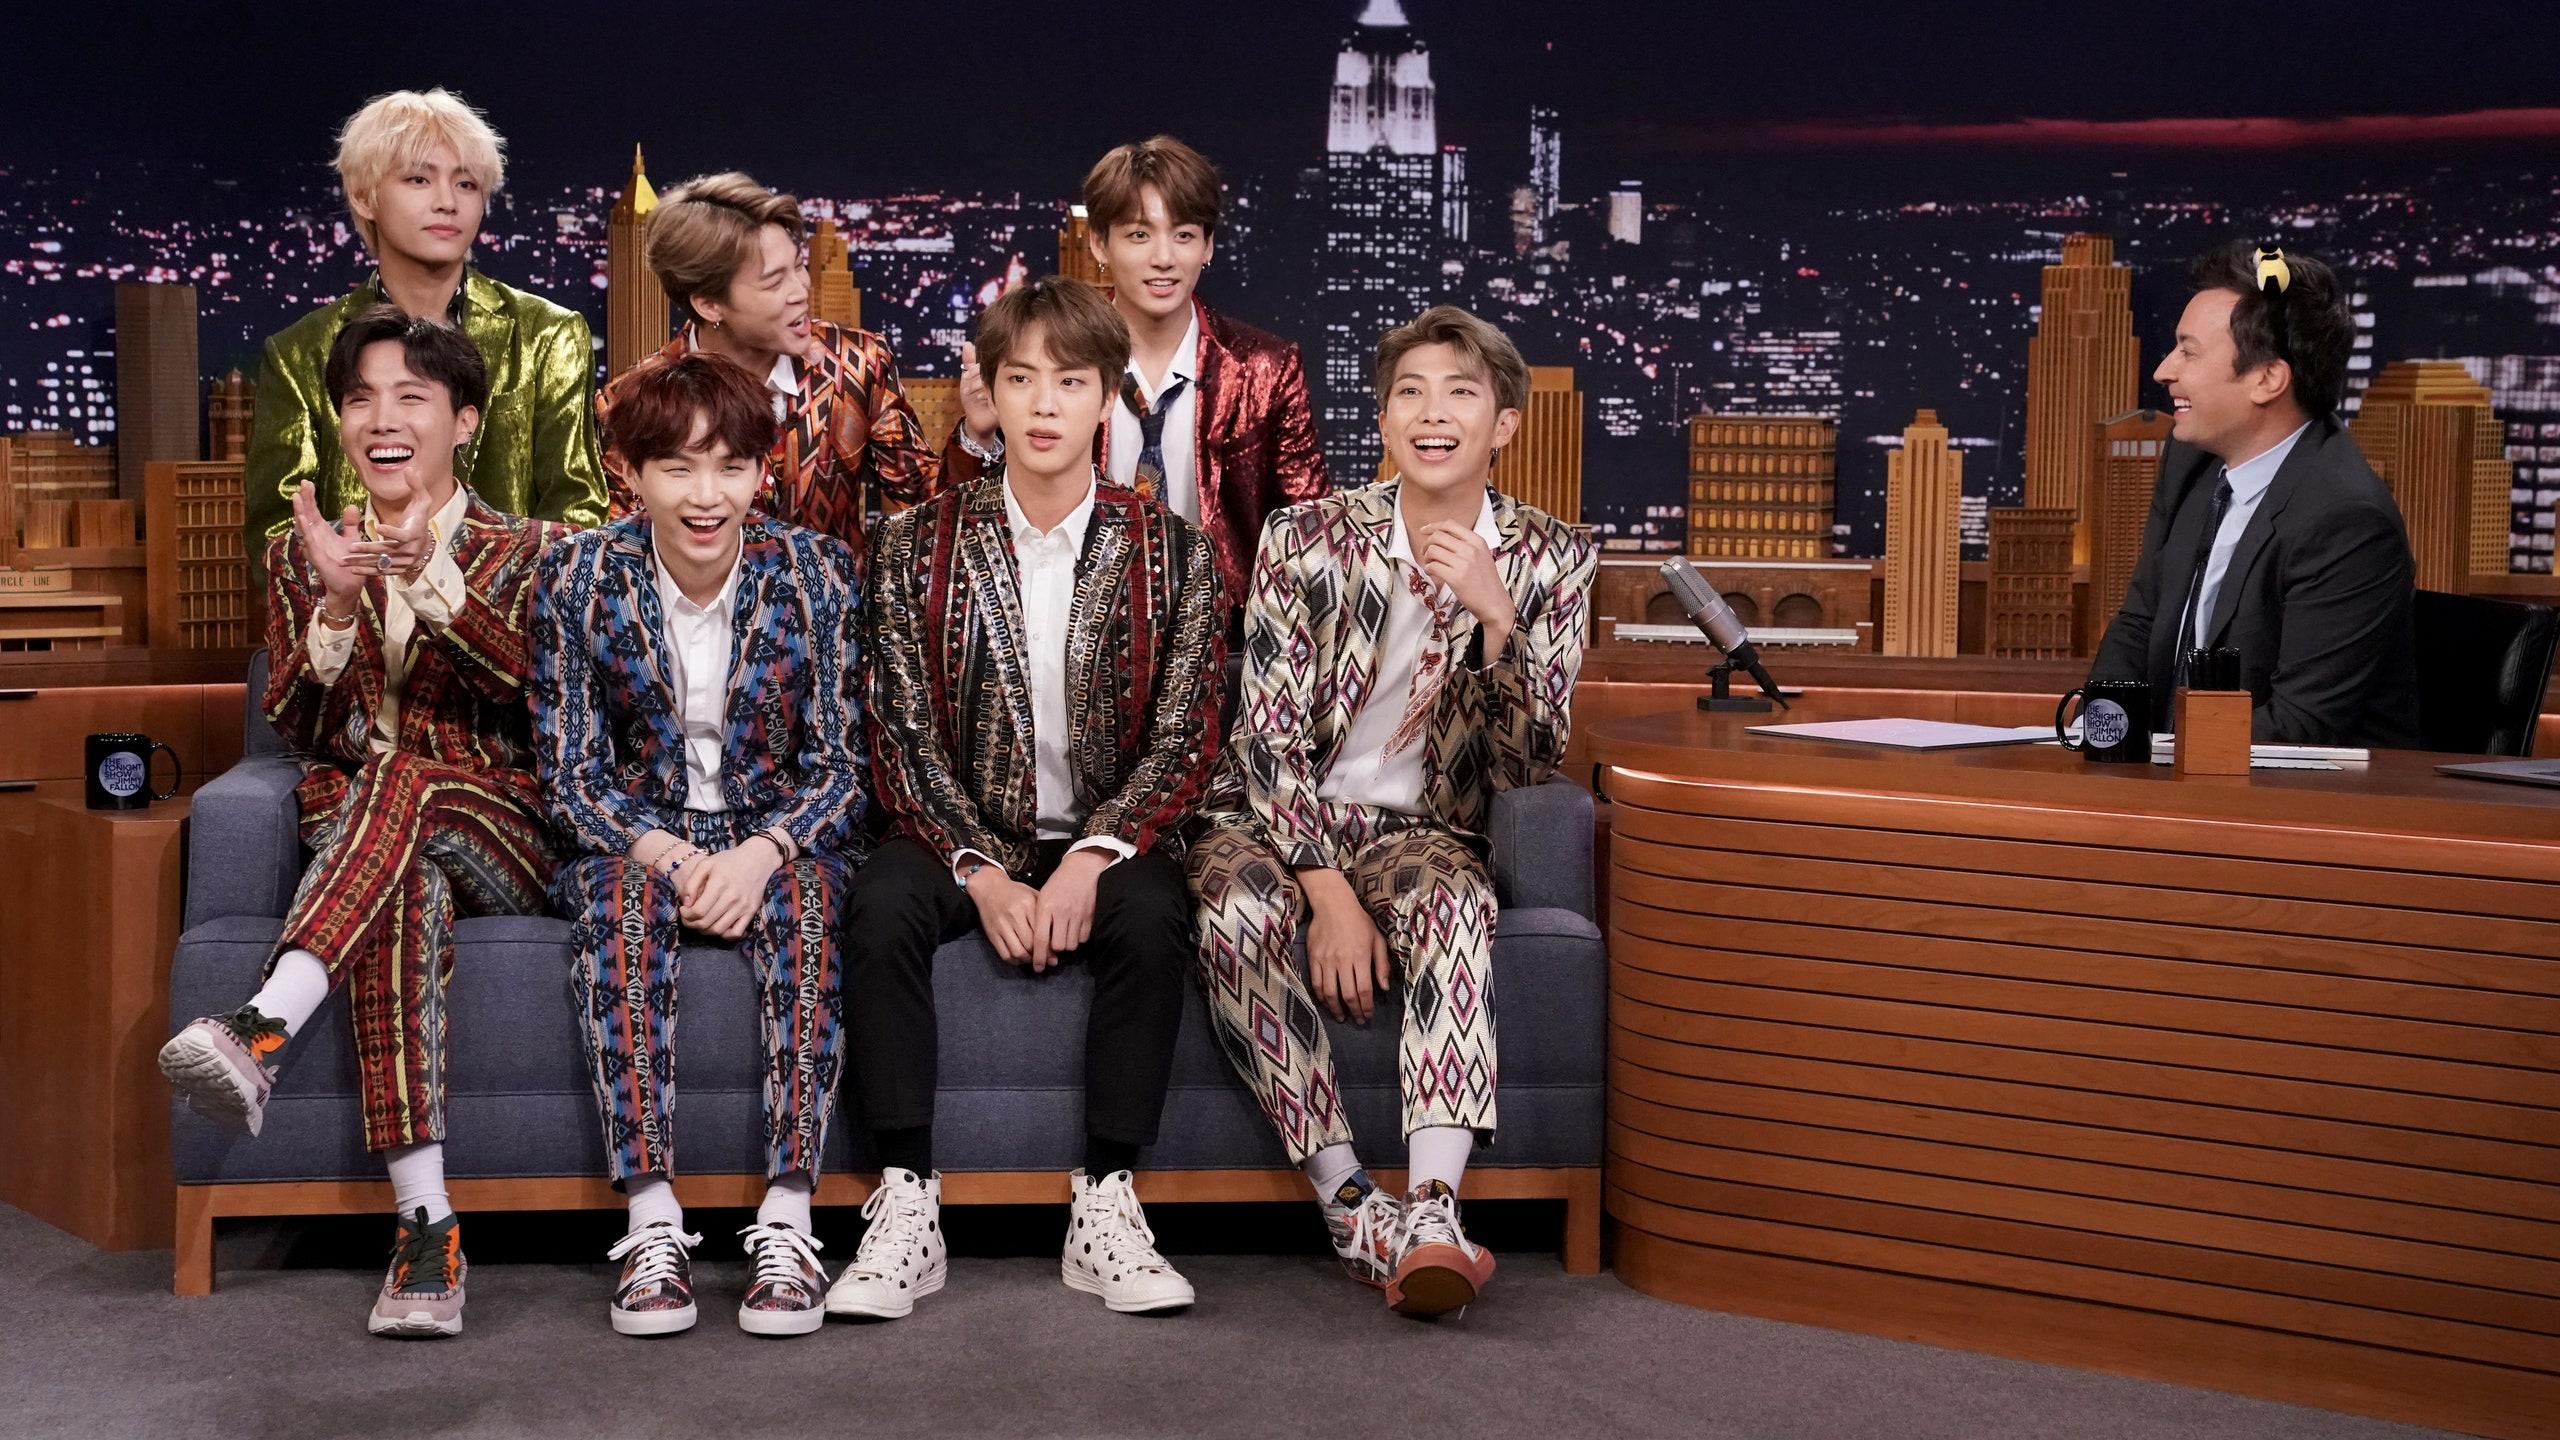 âm nhạc BTS xuất hiện trong show The Tonight Show Starring Jimmy Fallon